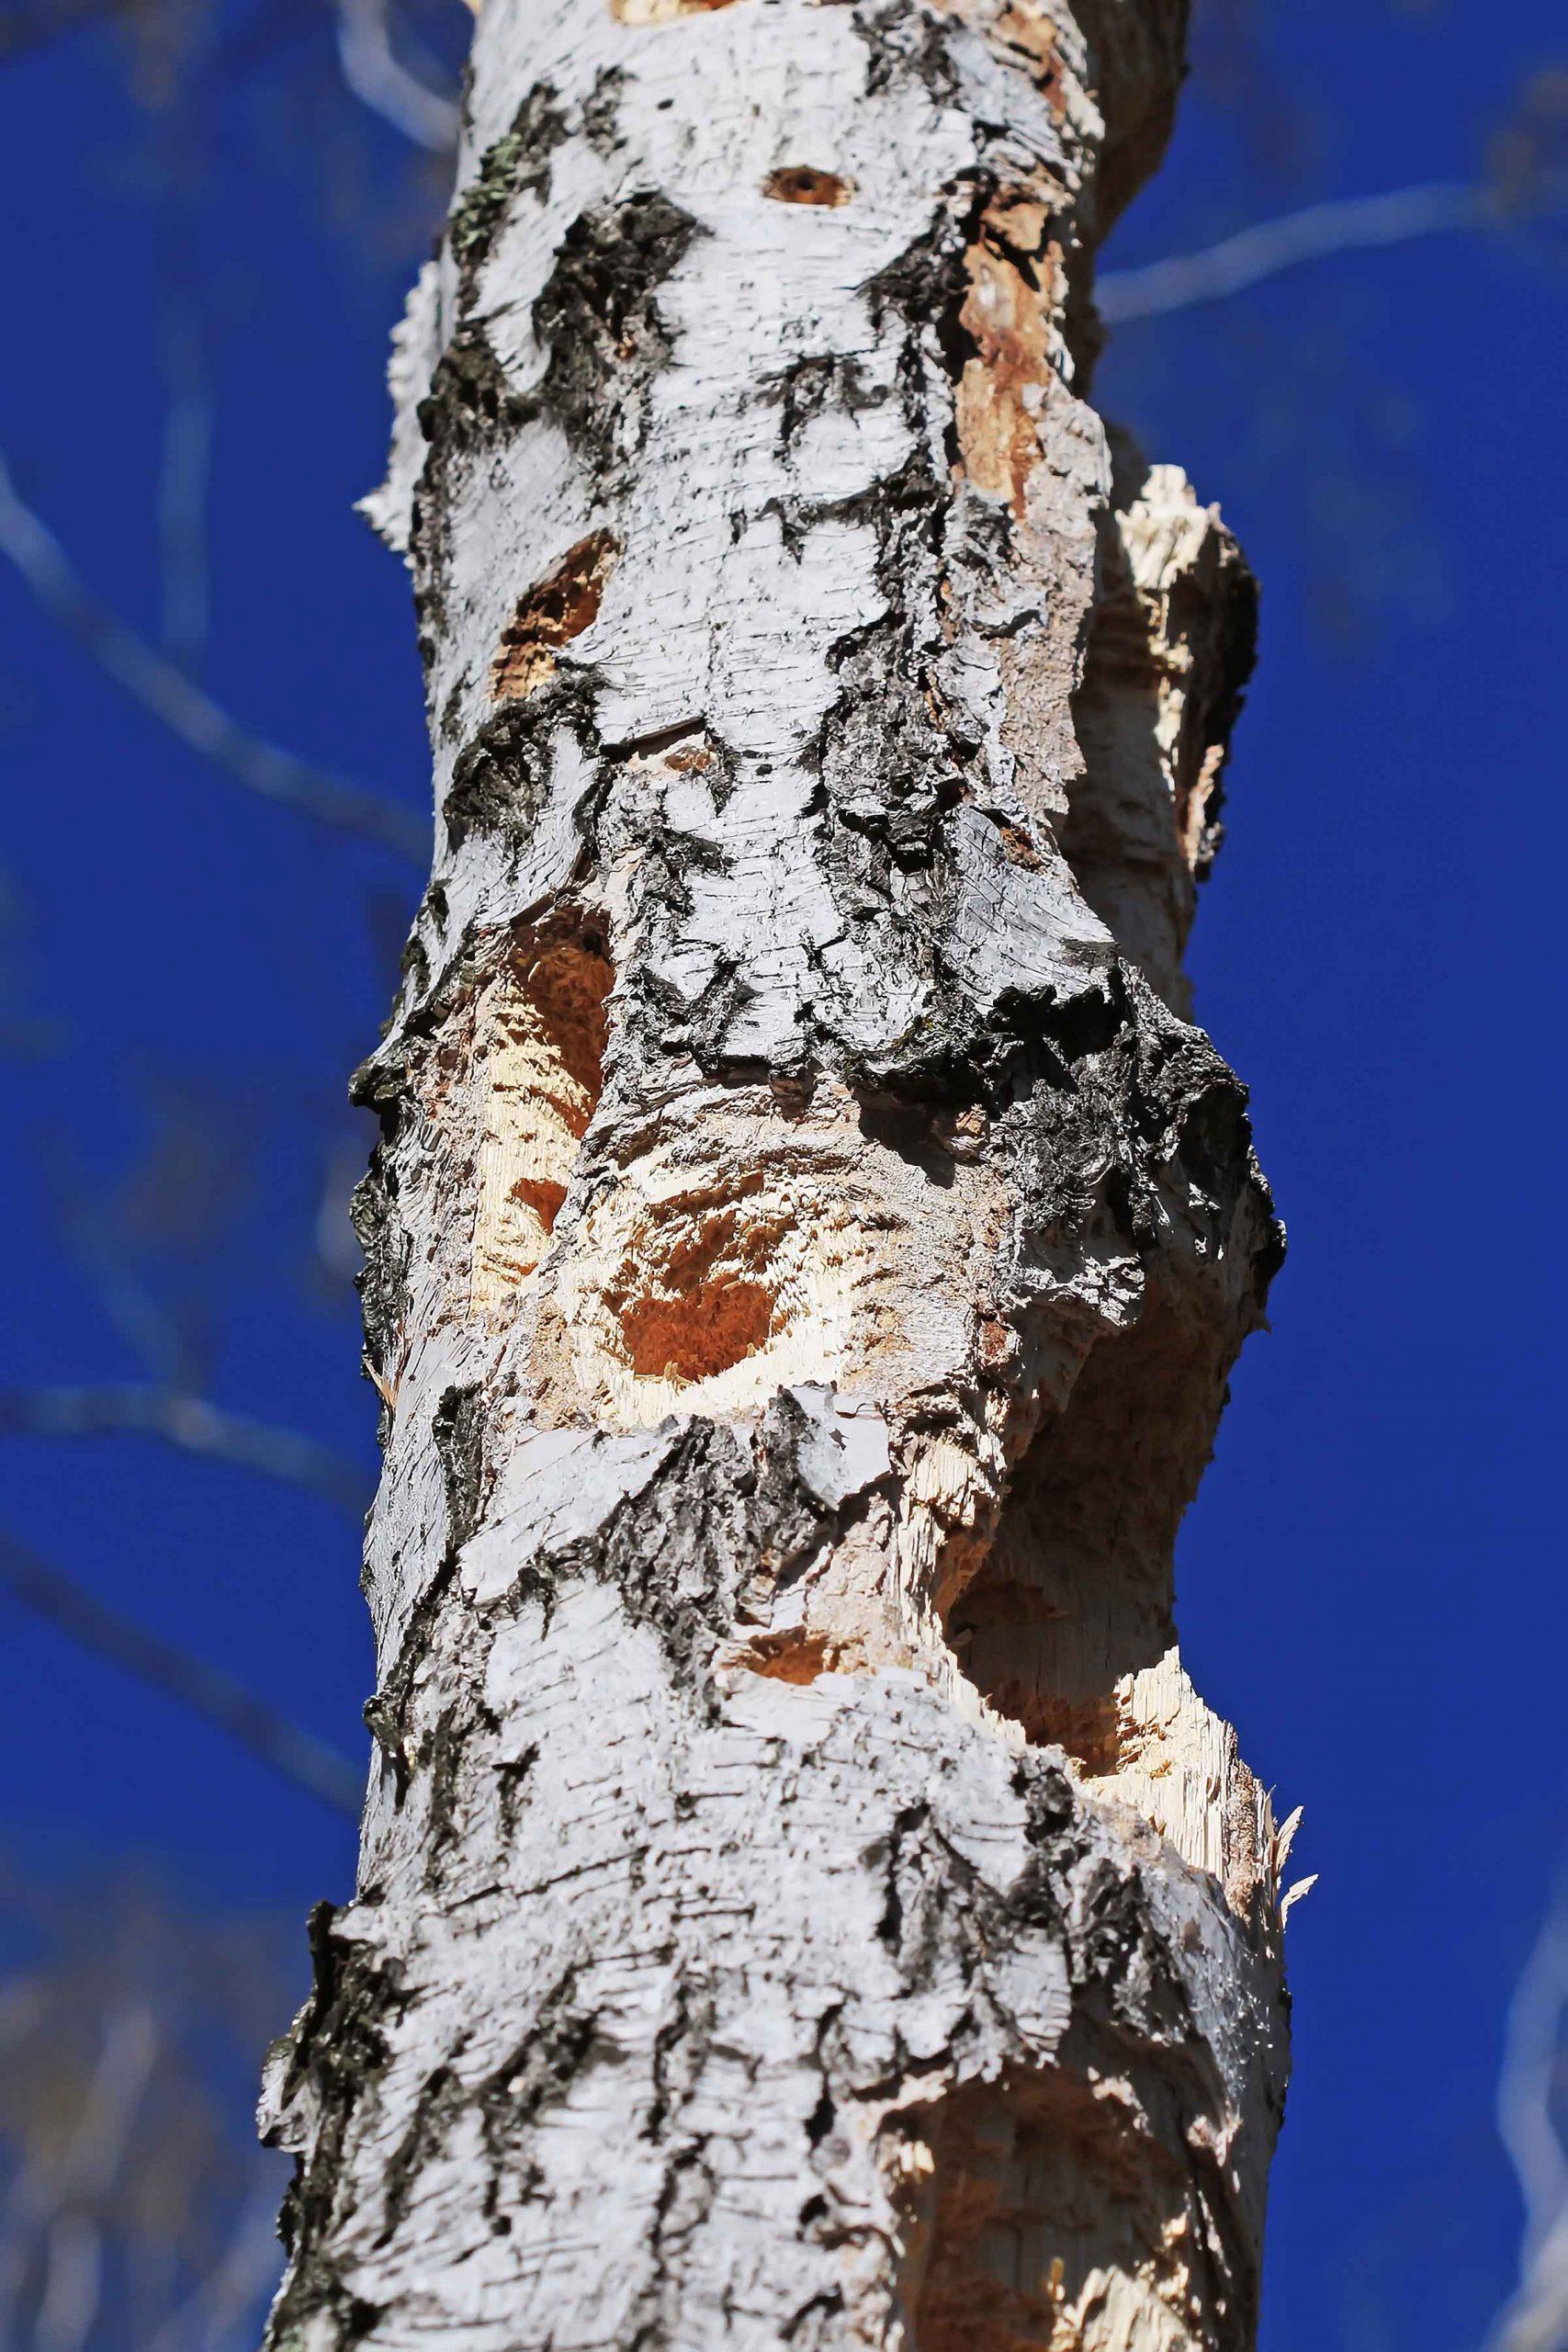 woodpecker holes in tree